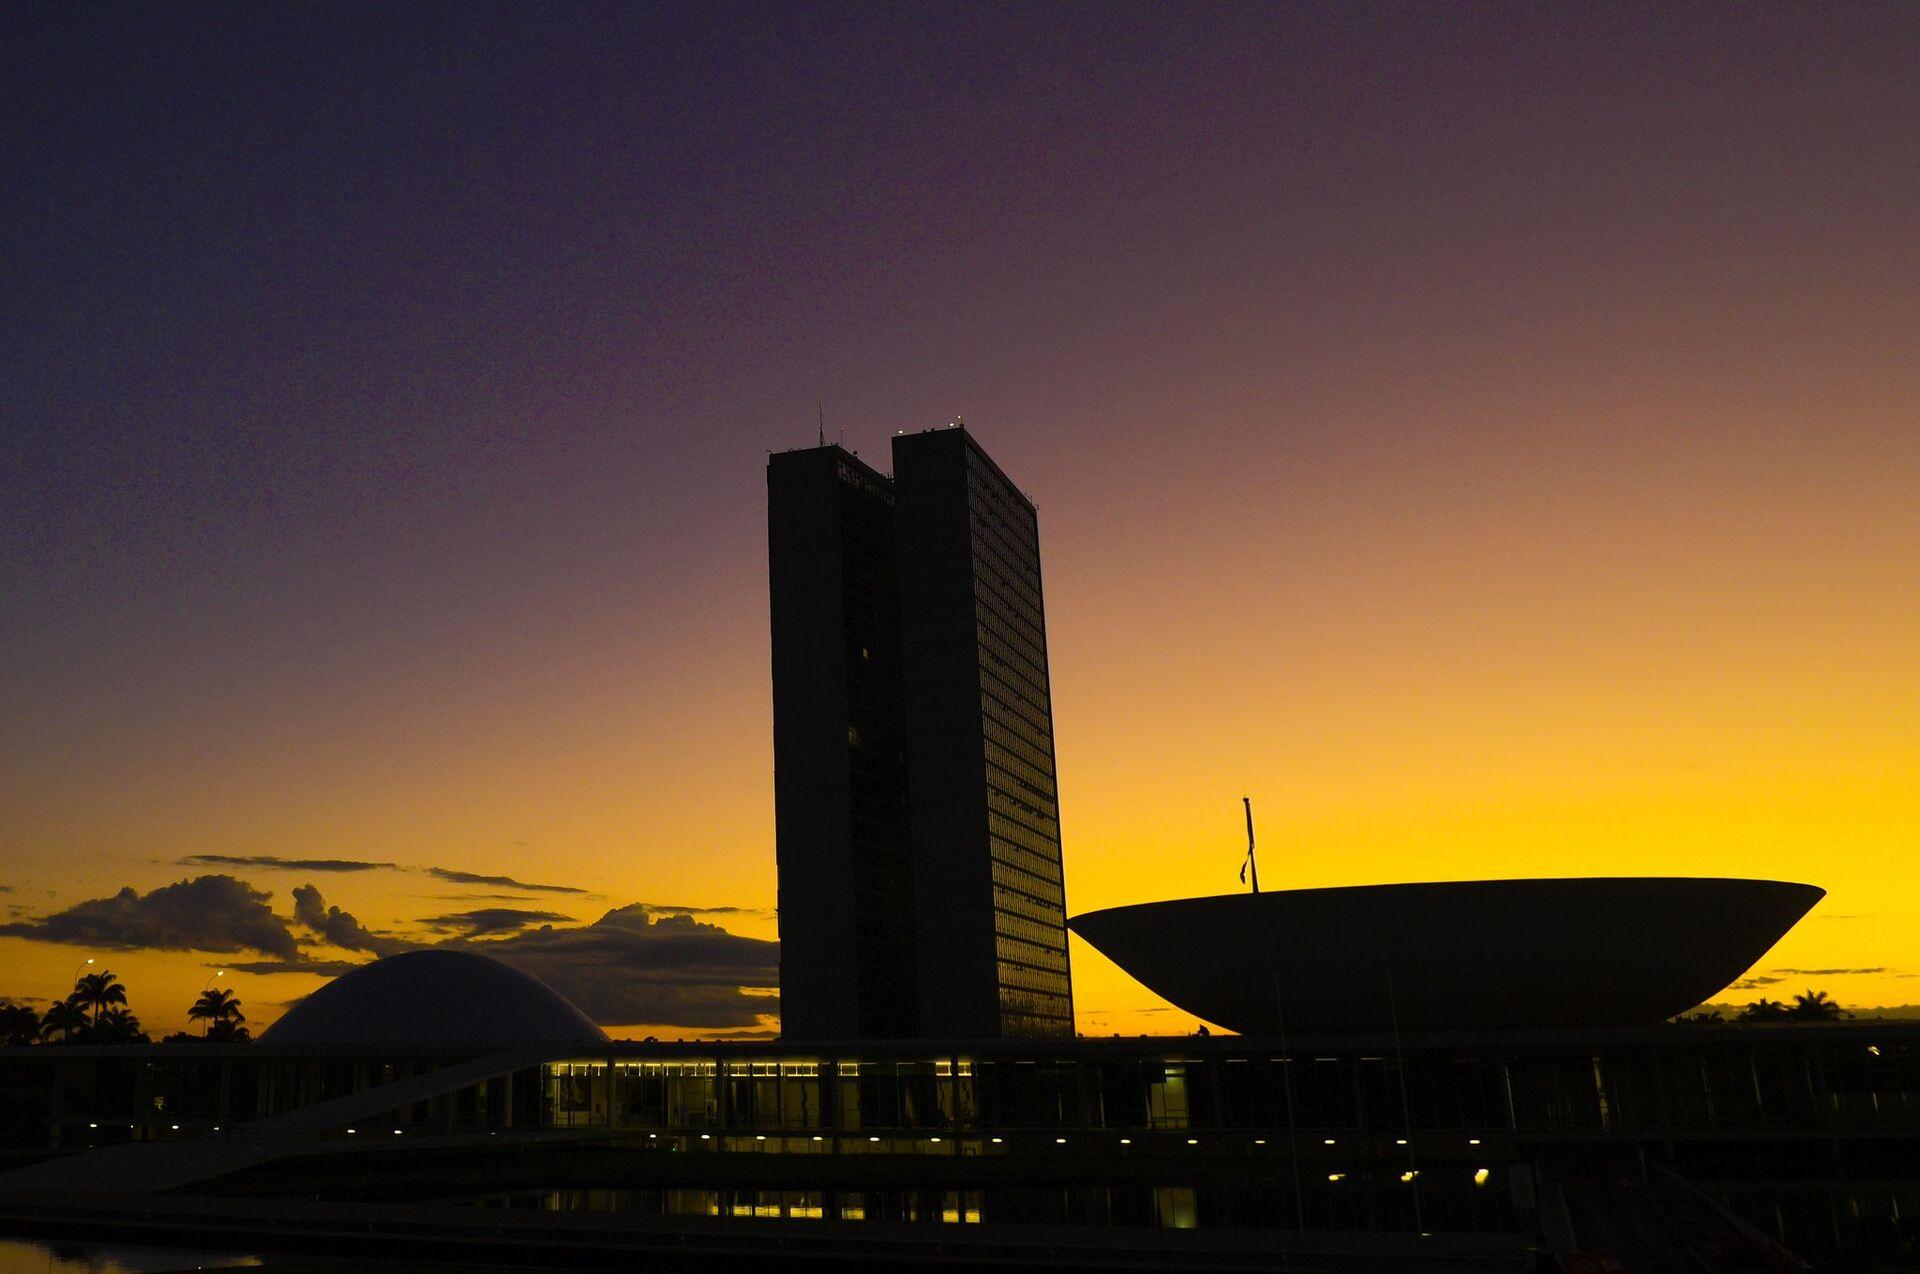 Fachada do Congresso Nacional, a sede das duas Casas do Poder Legislativo brasileiro.   Obra do arquiteto Oscar Niemeyer.    Foto: Pedro França/Agência Senado